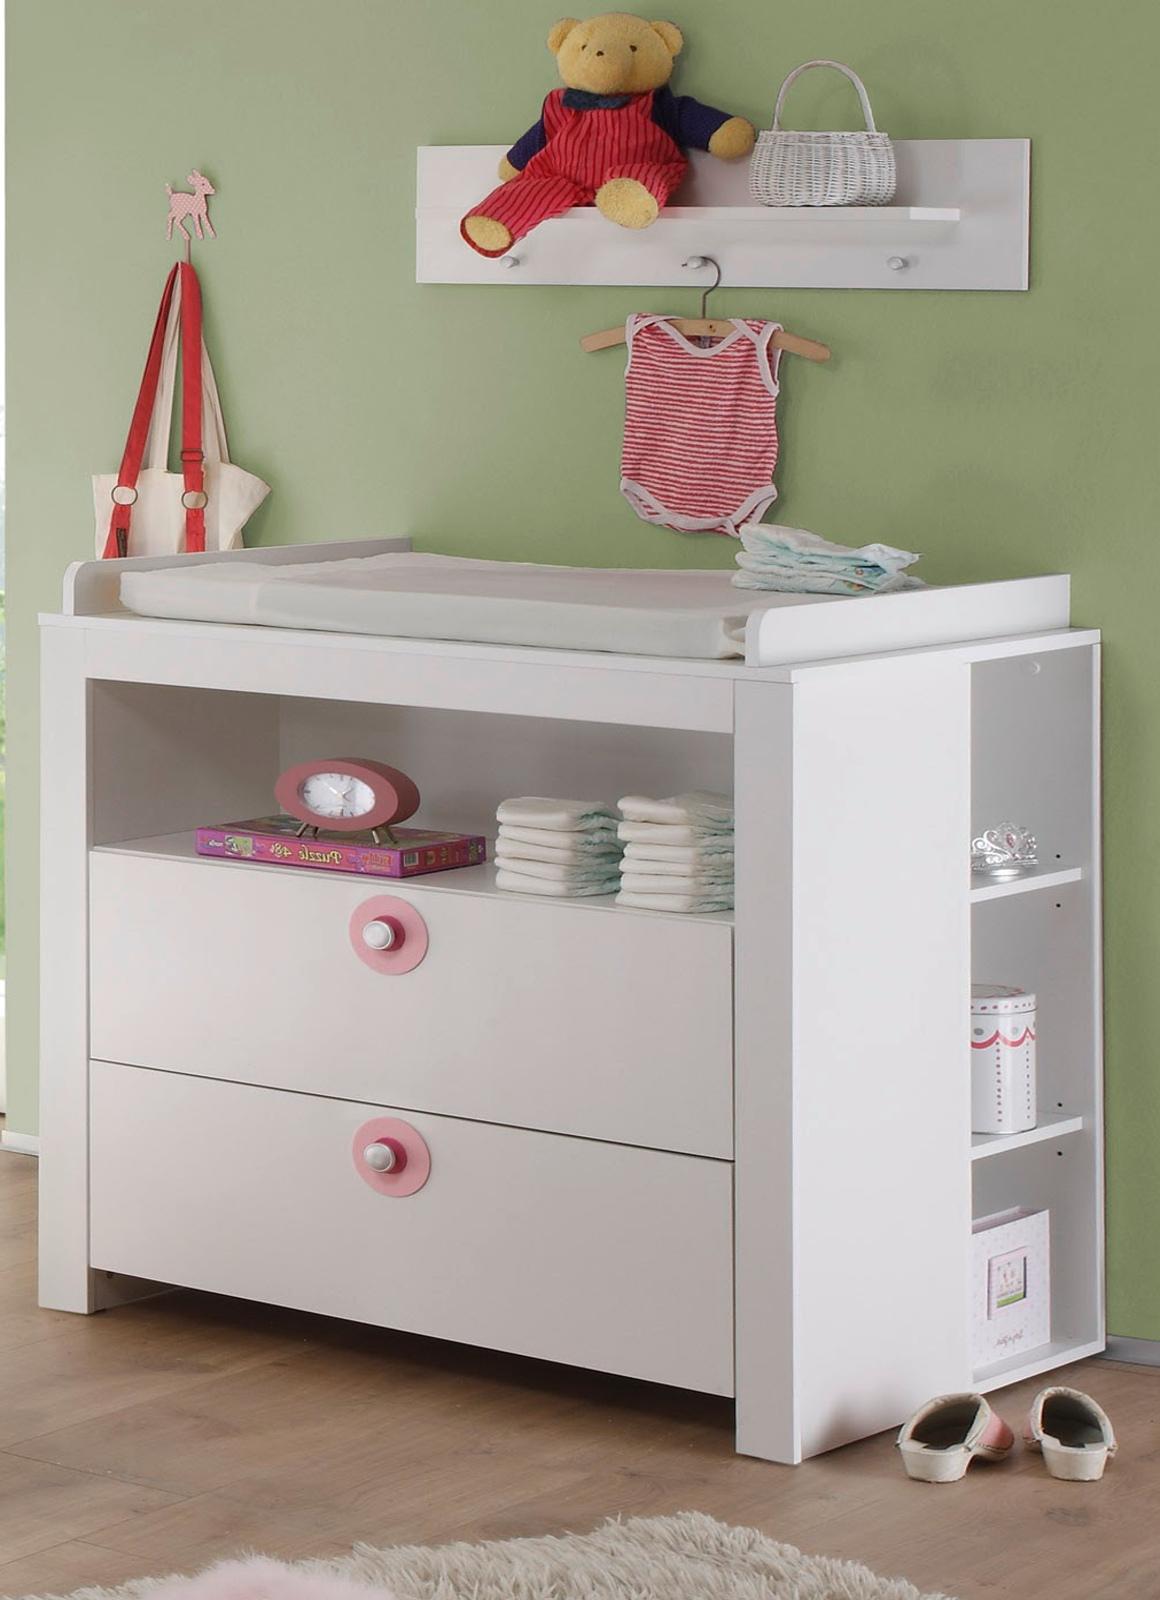 Babyzimmer Holz Gebraucht: Wickeltisch Wei. Top Wei Holz Schn Wickeltisch Weiss Baby